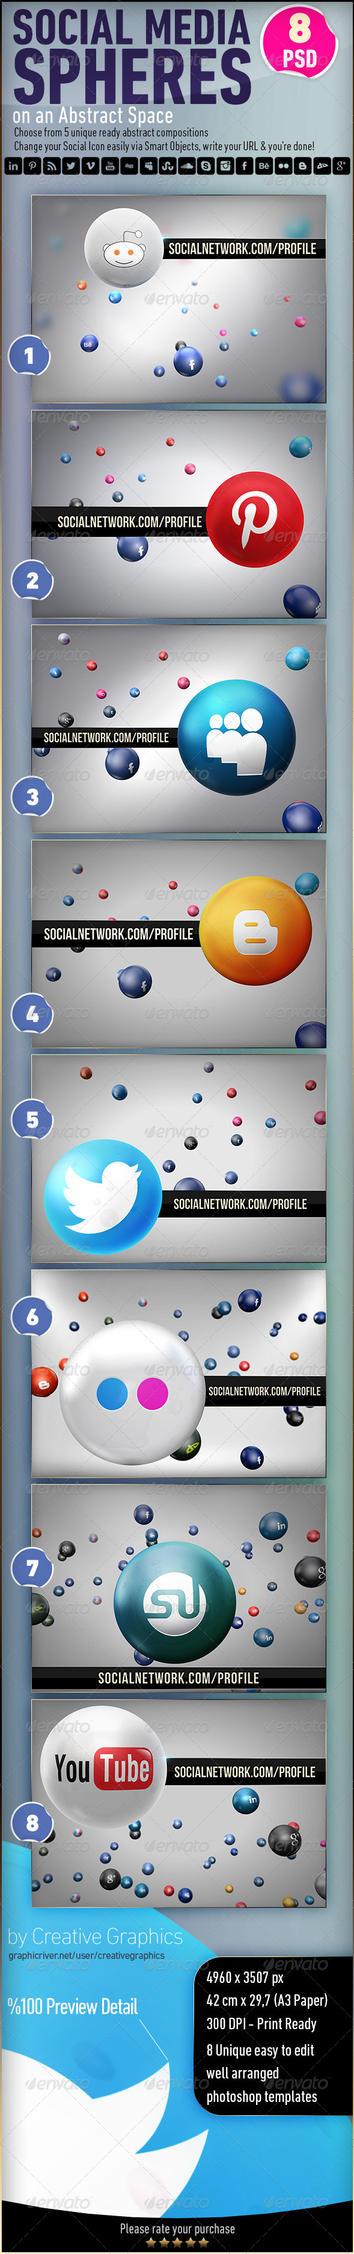 Social Media Spheres by Grasycho